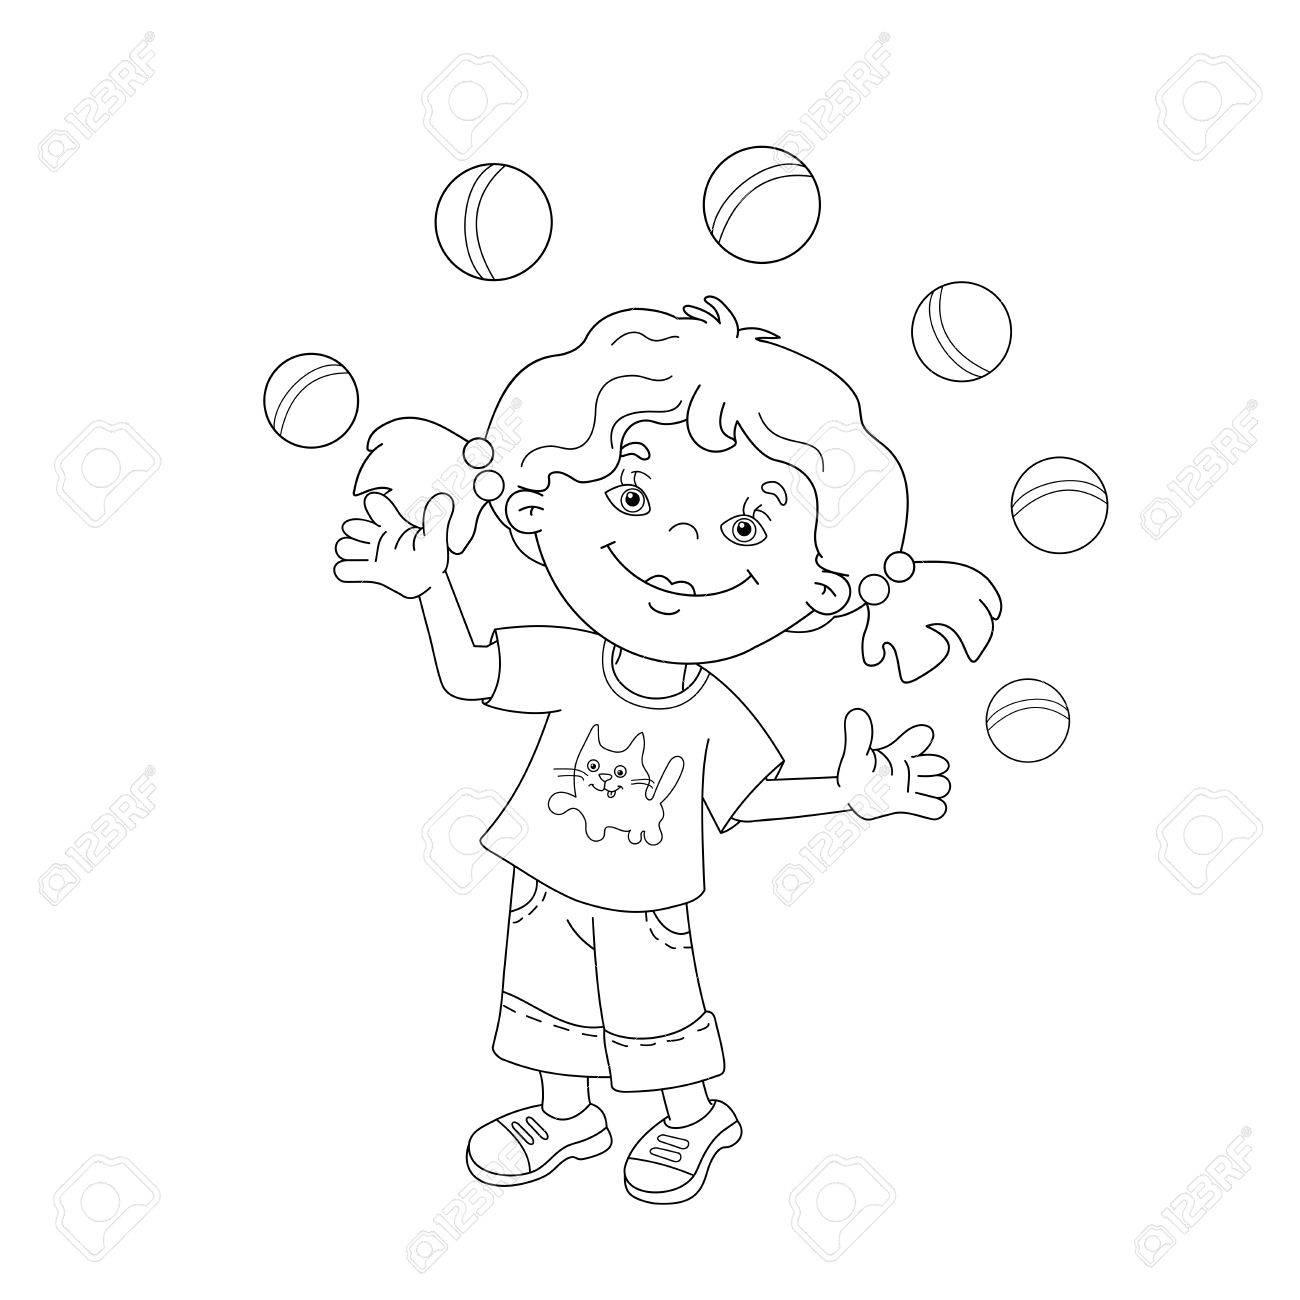 Página Para Colorear Esquema De Niña De Dibujos Animados Haciendo Malabarismos Con Las Pelotas Libro De Colorear Para Niños